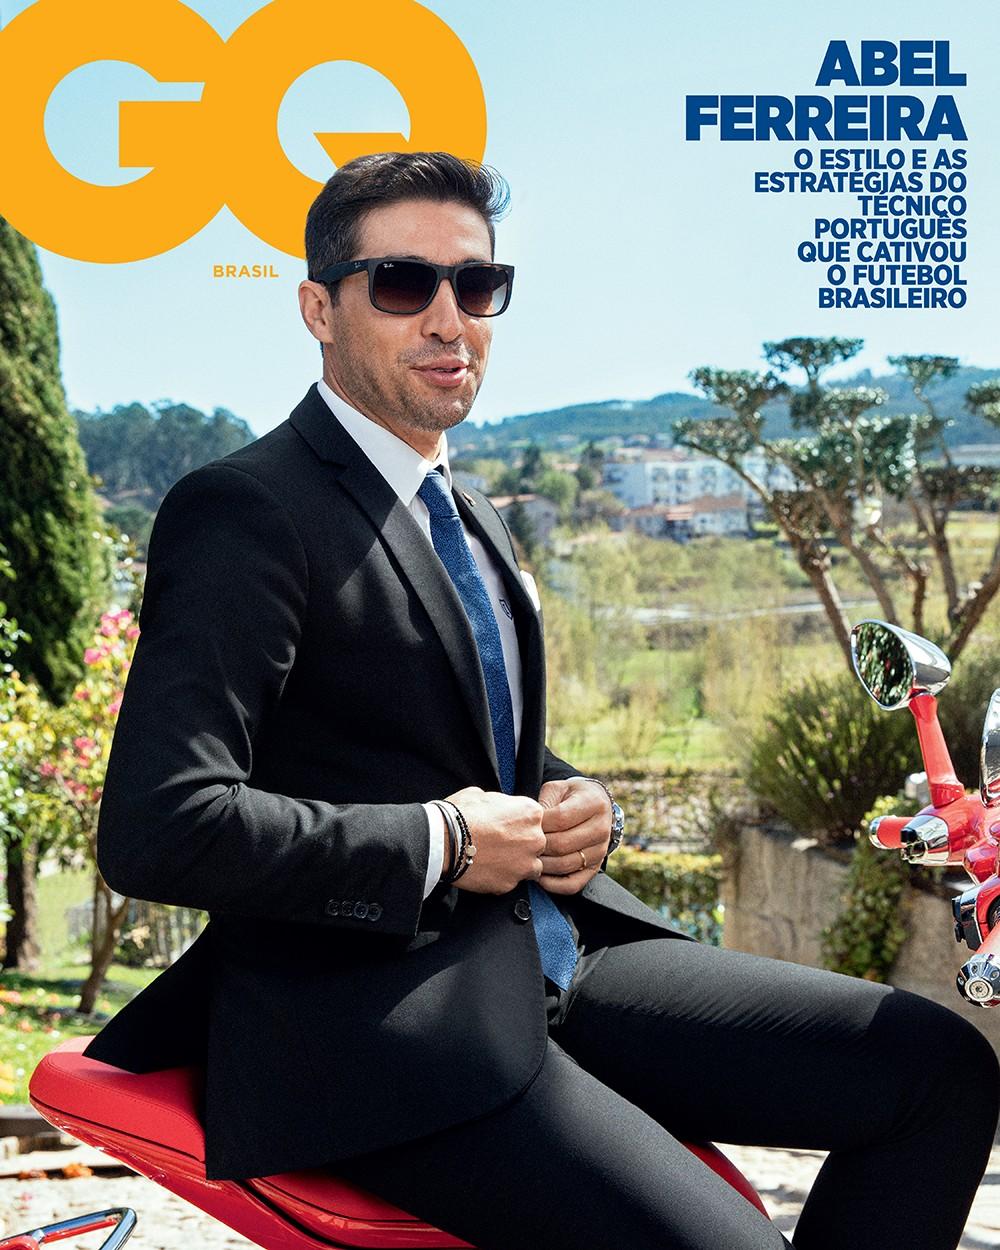 Abel Ferreira, capa da #GQAbril (Foto: Foto: DARYAN DORNELLES / Assistente de fotografia: ARMANDO BARÃO / Tratamento de imagem: RG IMAGEM)